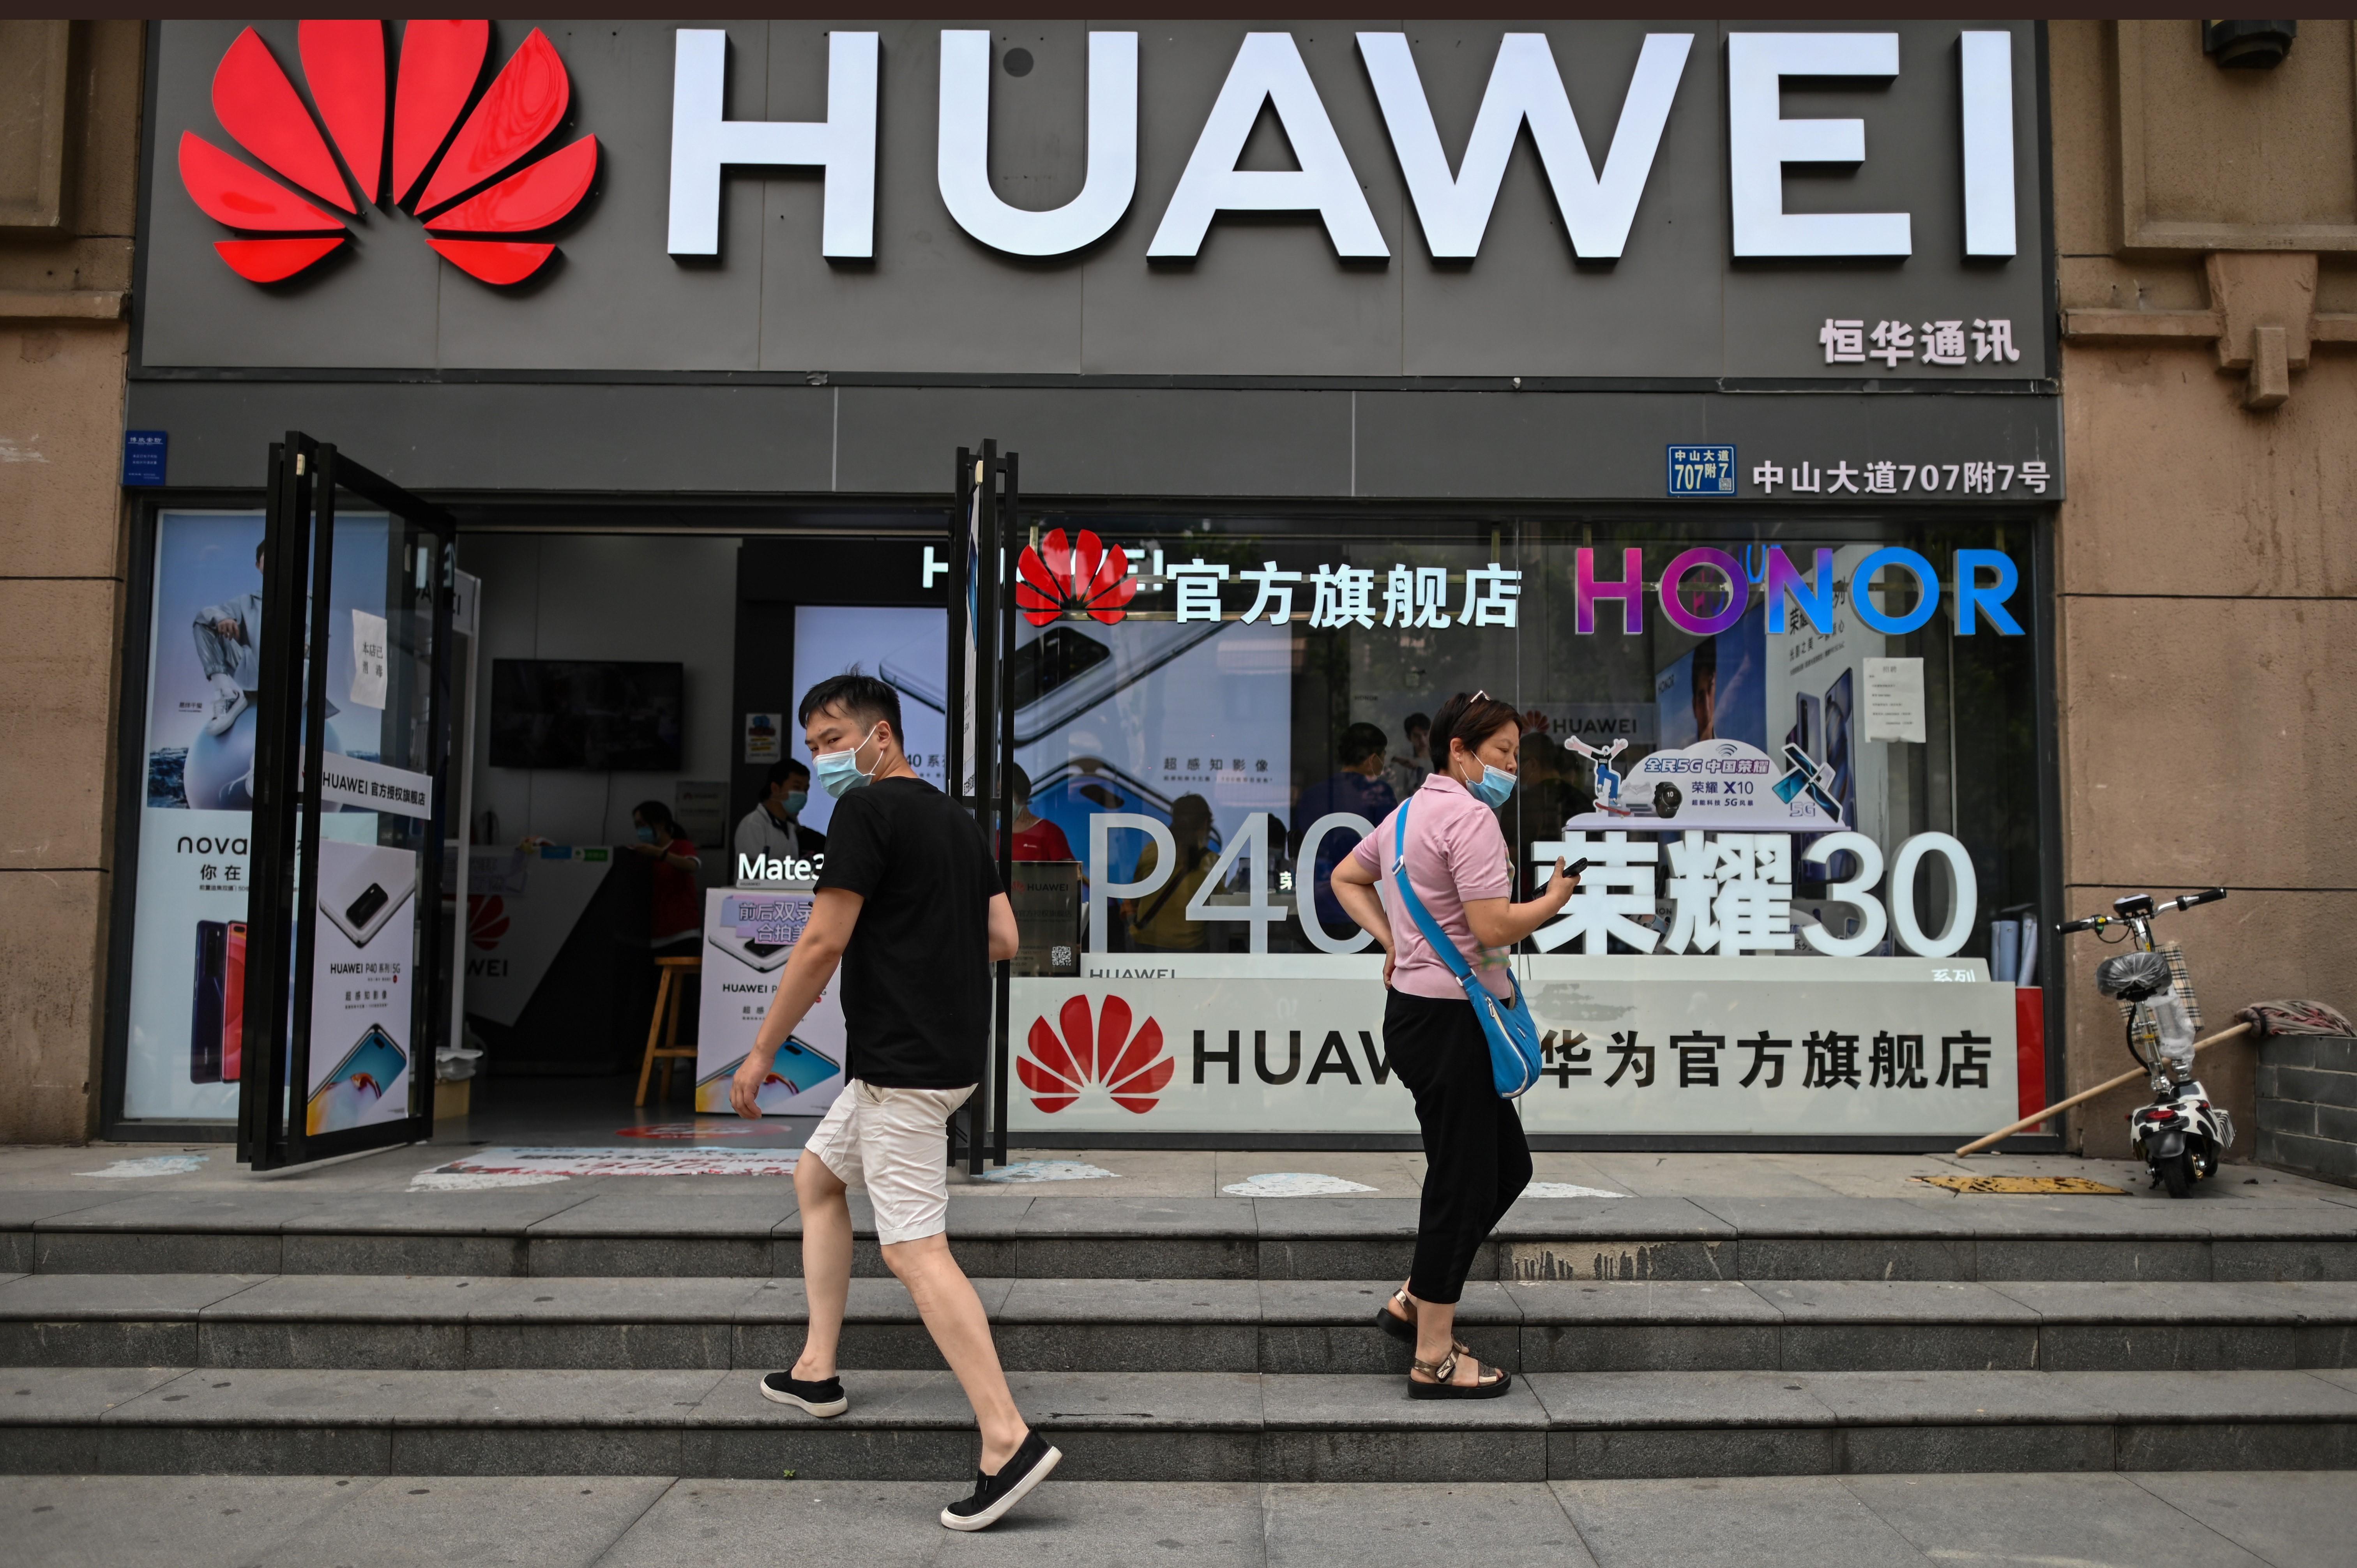 美國特朗普政府2020年9月15日啟動限制供應中國5G大廠華為美國技術與晶片的禁令。(HECTOR RETAMAL/AFP via Getty Images)